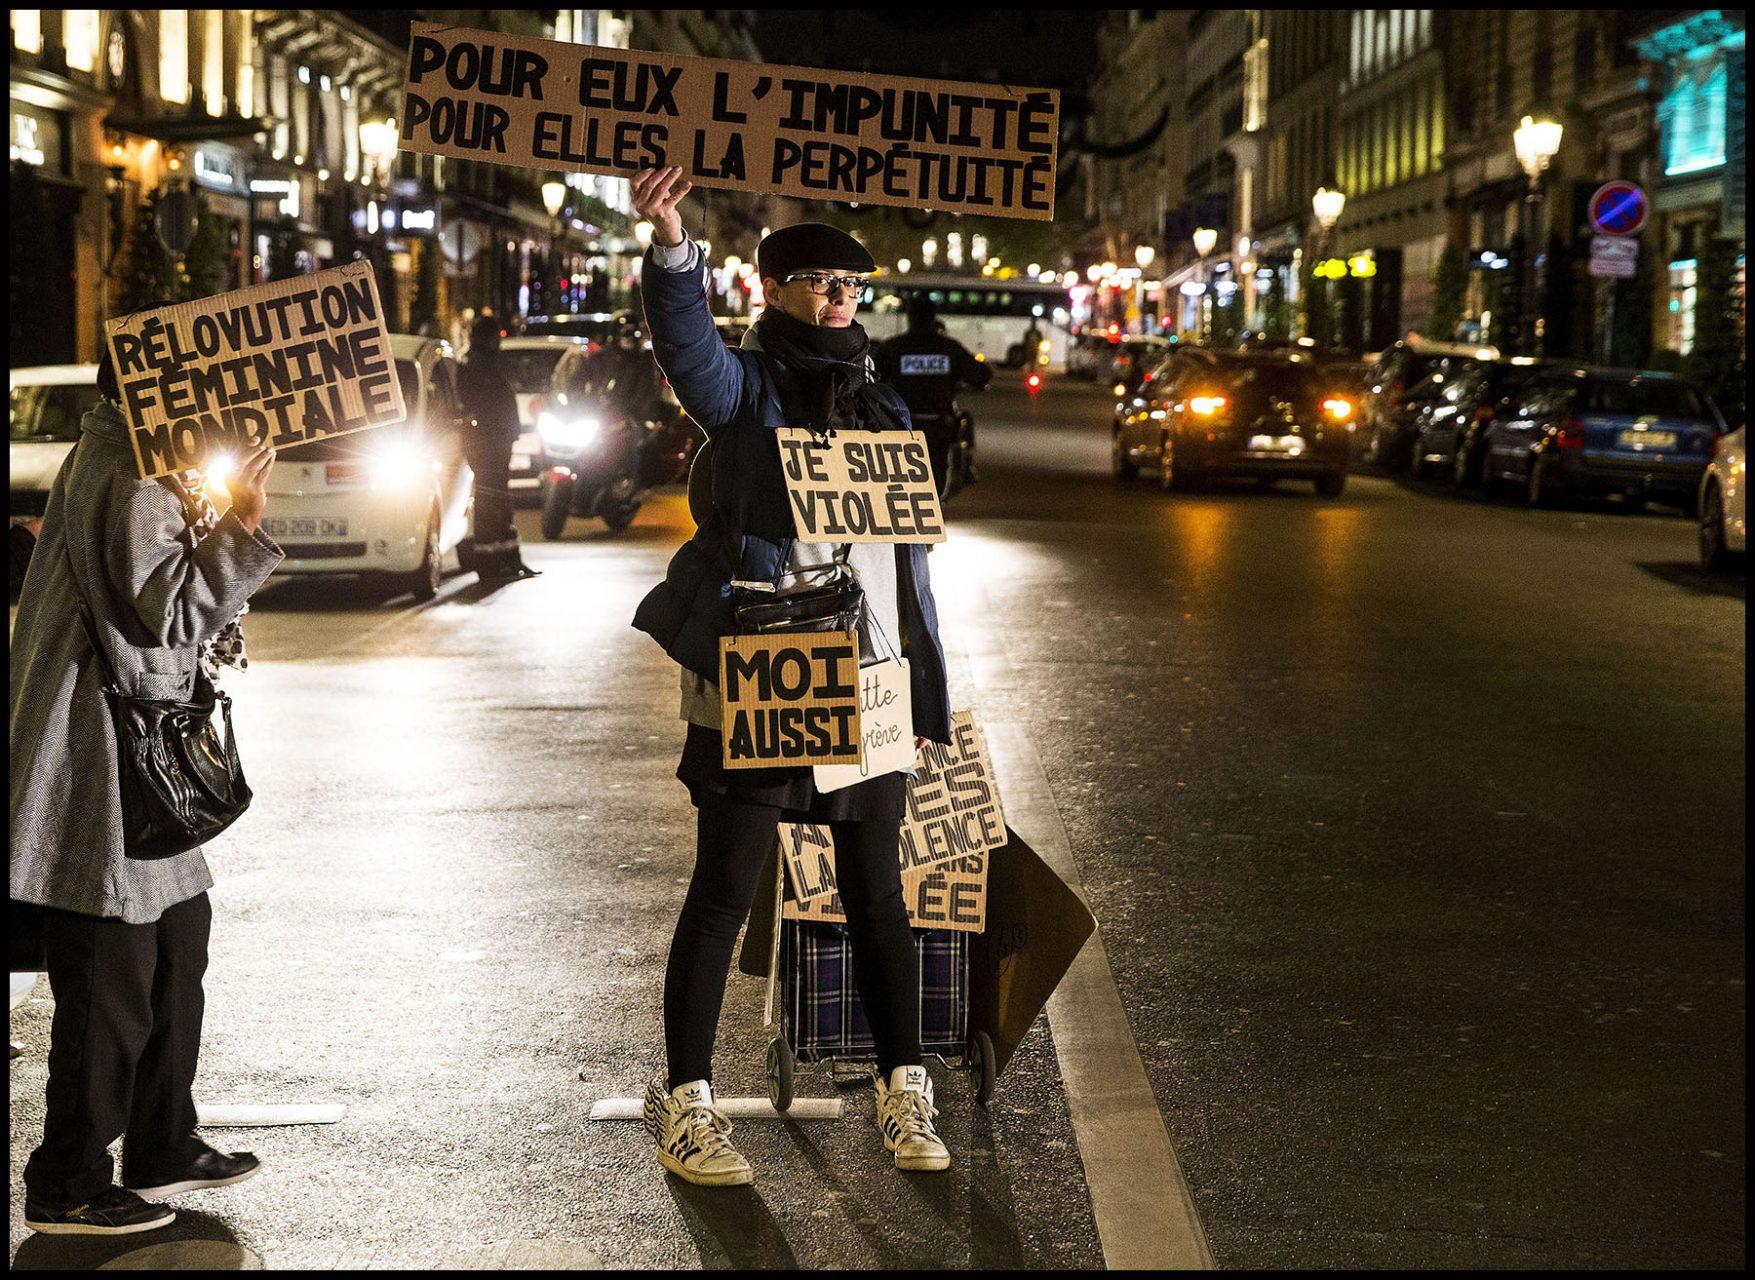 Manifestation féministe après l'acquitement d'un homme accusé du viol d'une fillette de 11 ans.